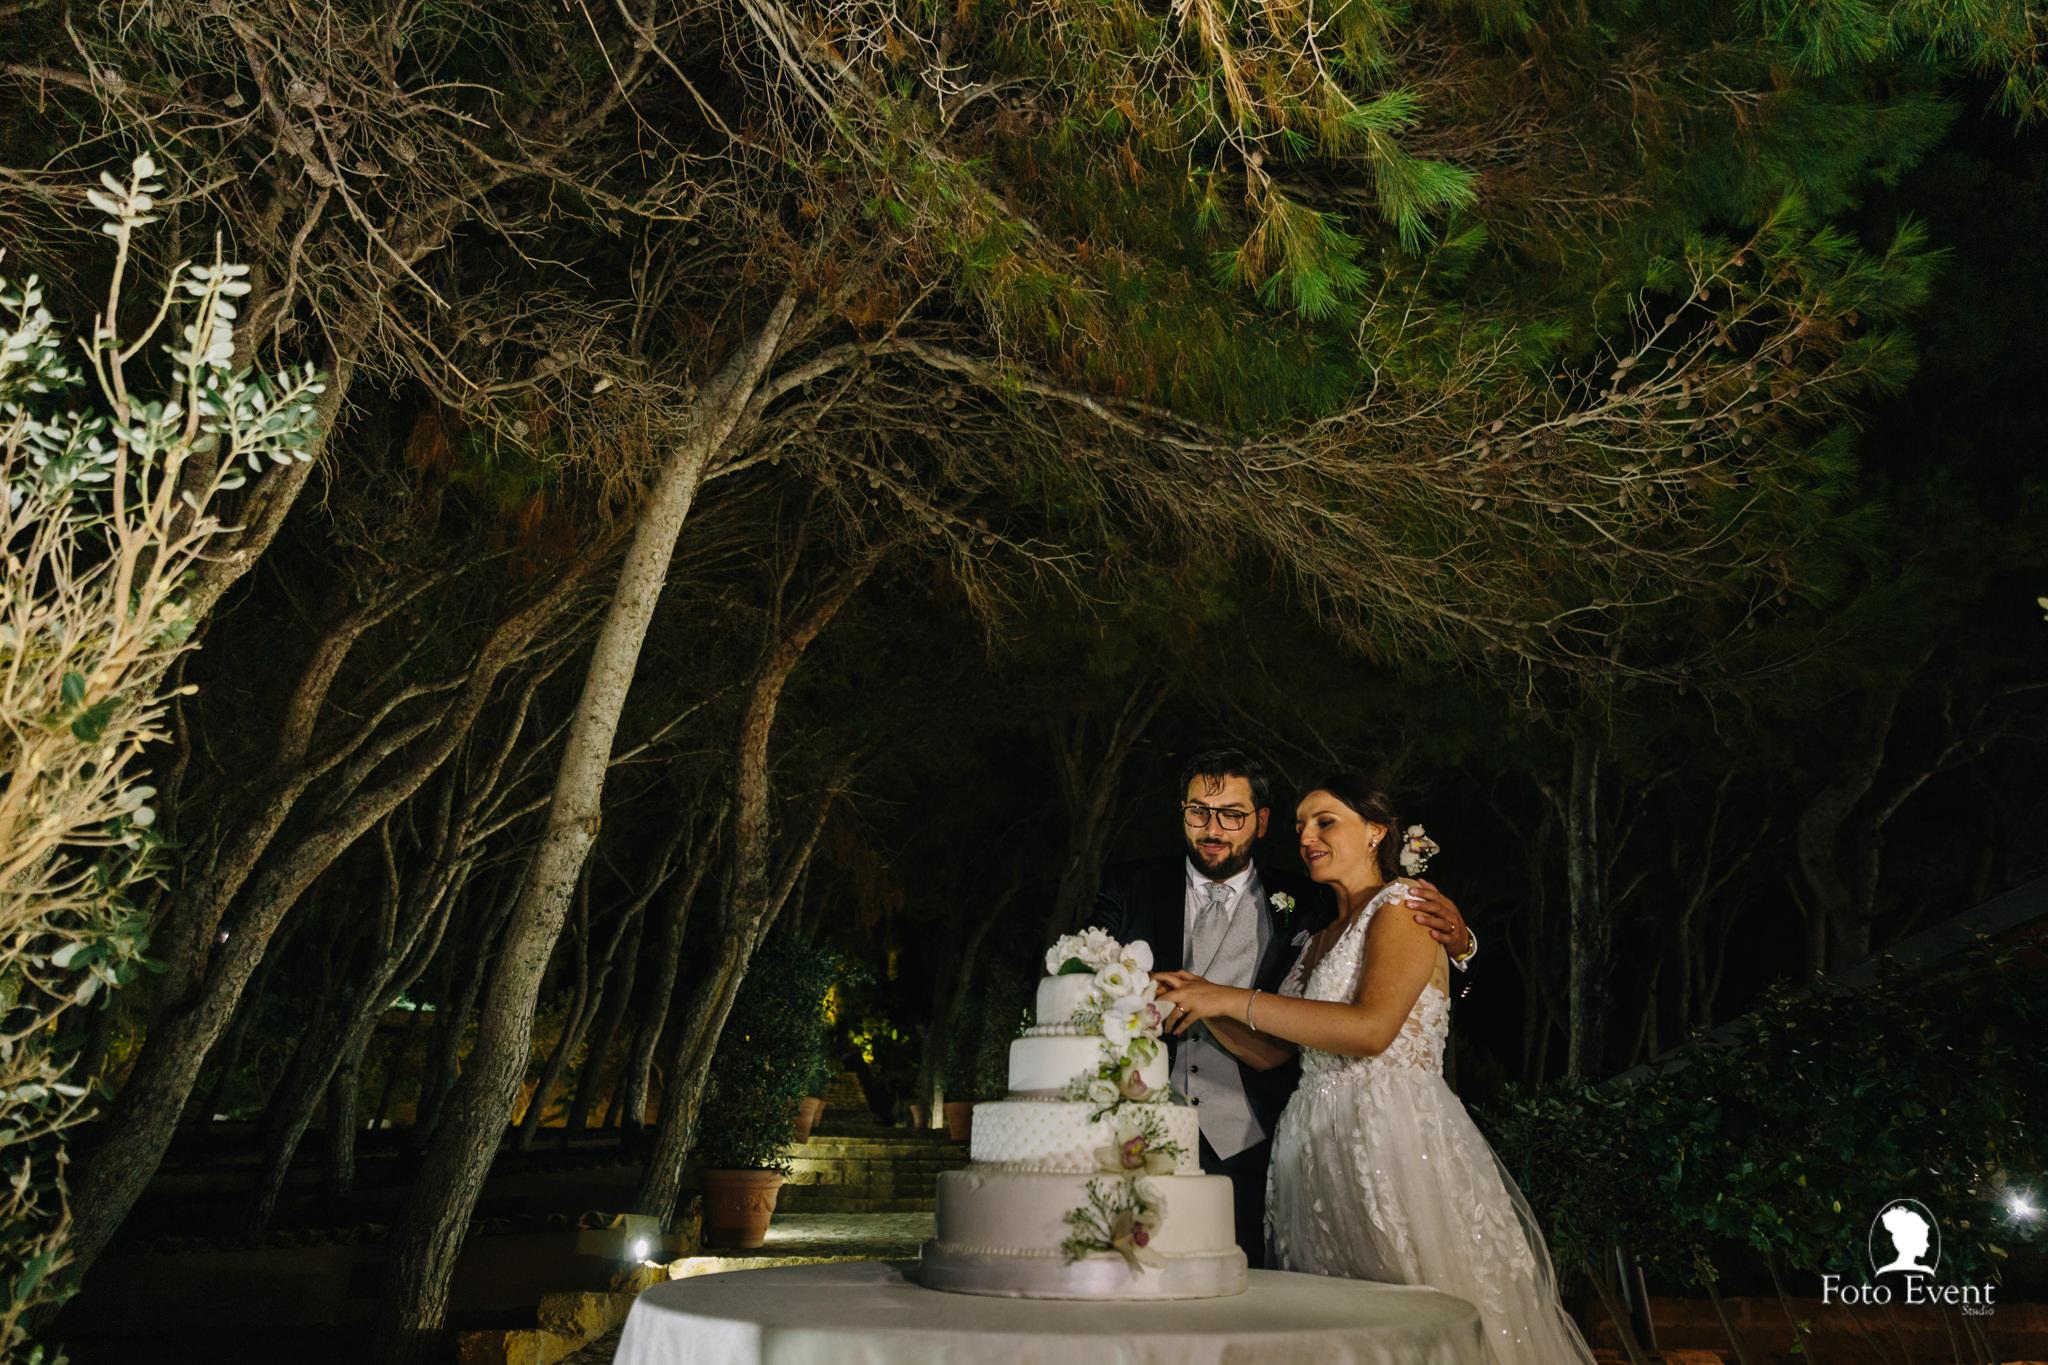 048-2019-09-09-Matrimonio-Dorotea-e-Alberto-Iemmolo-5DE-1406